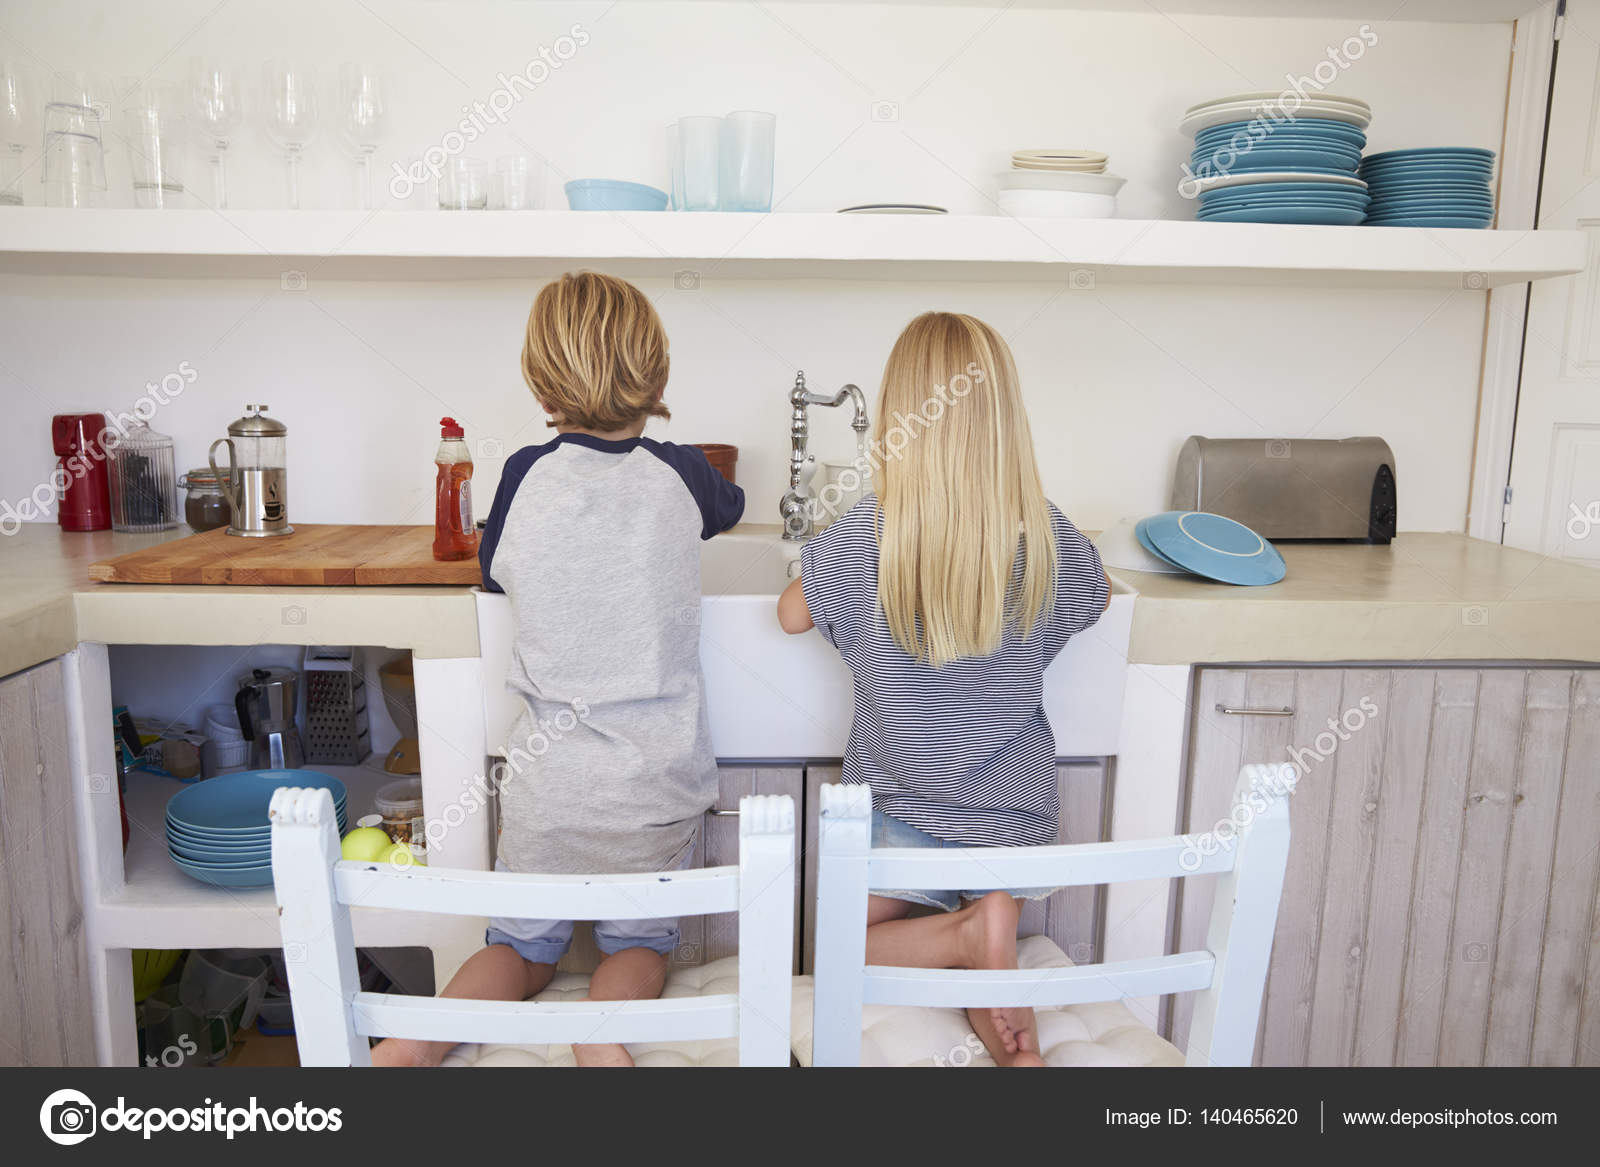 Keuken Voor Kinderen : Kinderen afwas in de keuken u stockfoto monkeybusiness